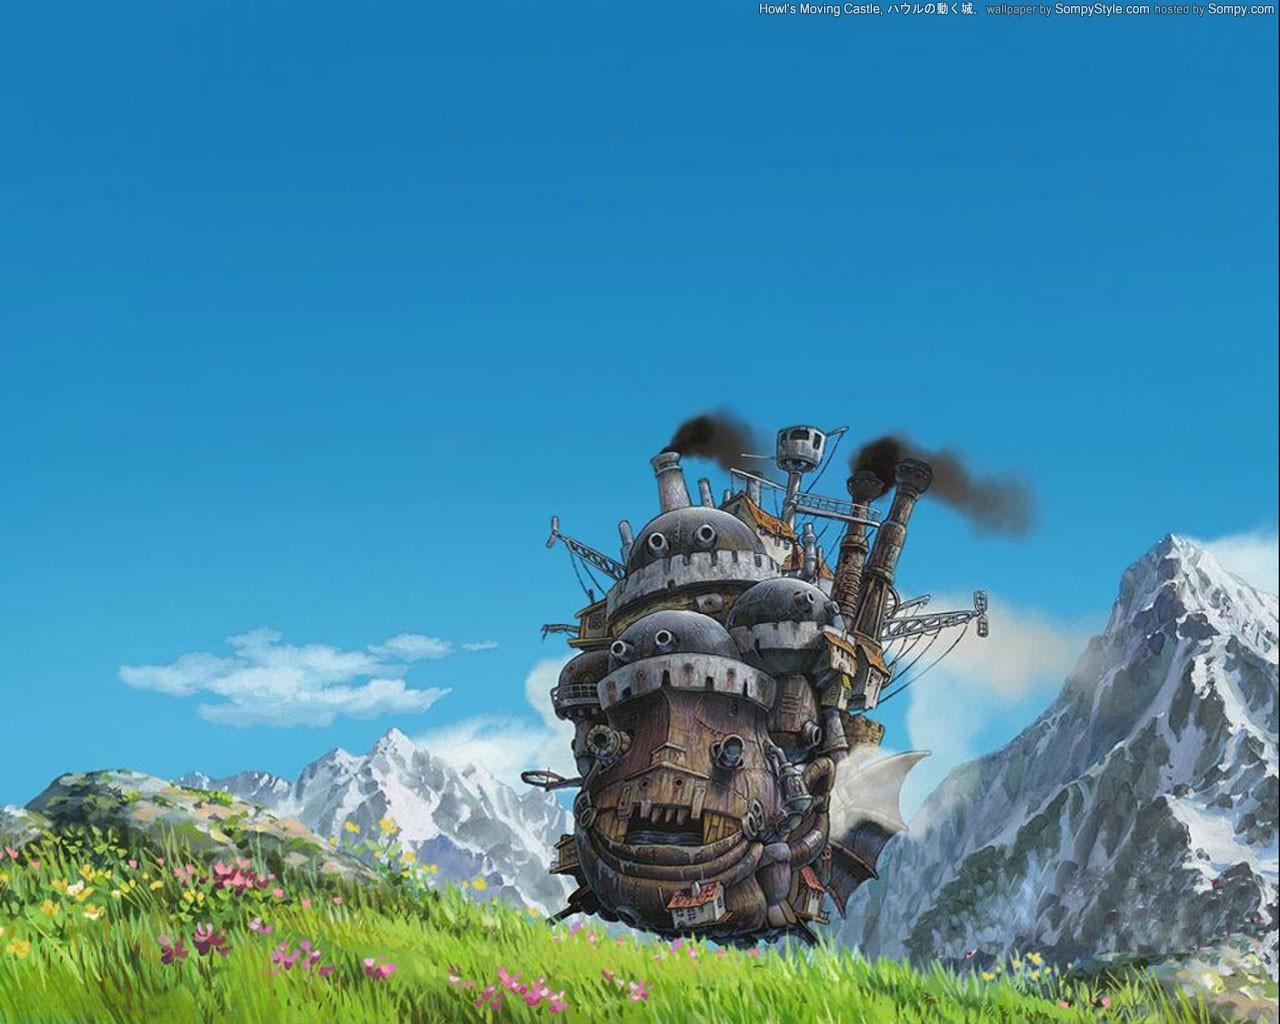 デスクトップ壁紙 アニメ スタジオジブリ ハウルの動く城 地形